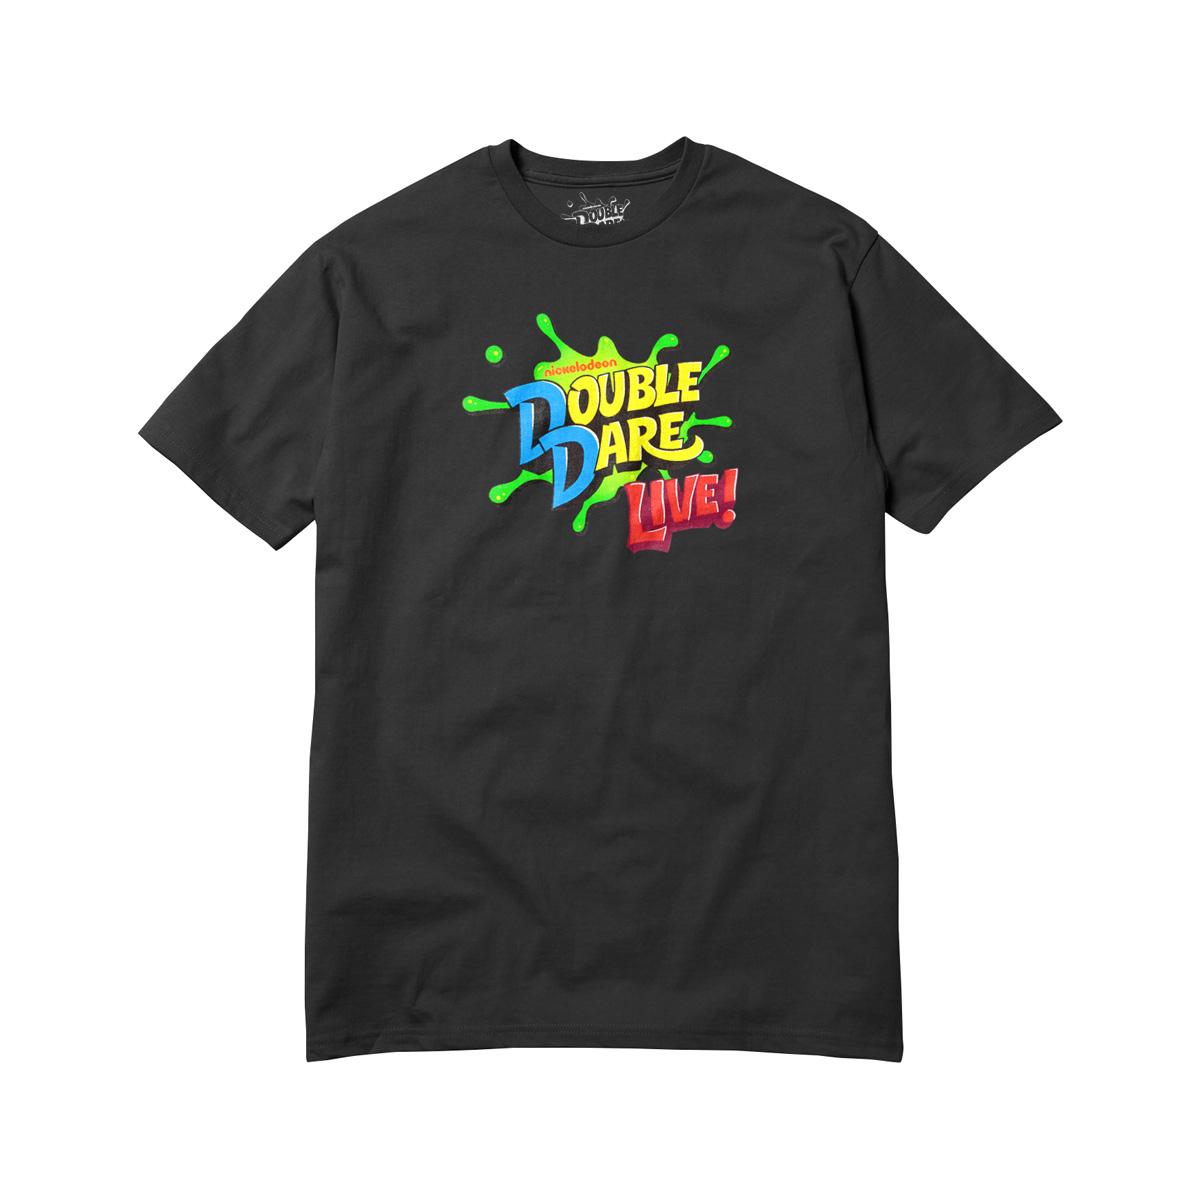 Double Dare Live Tour T-Shirt - Black